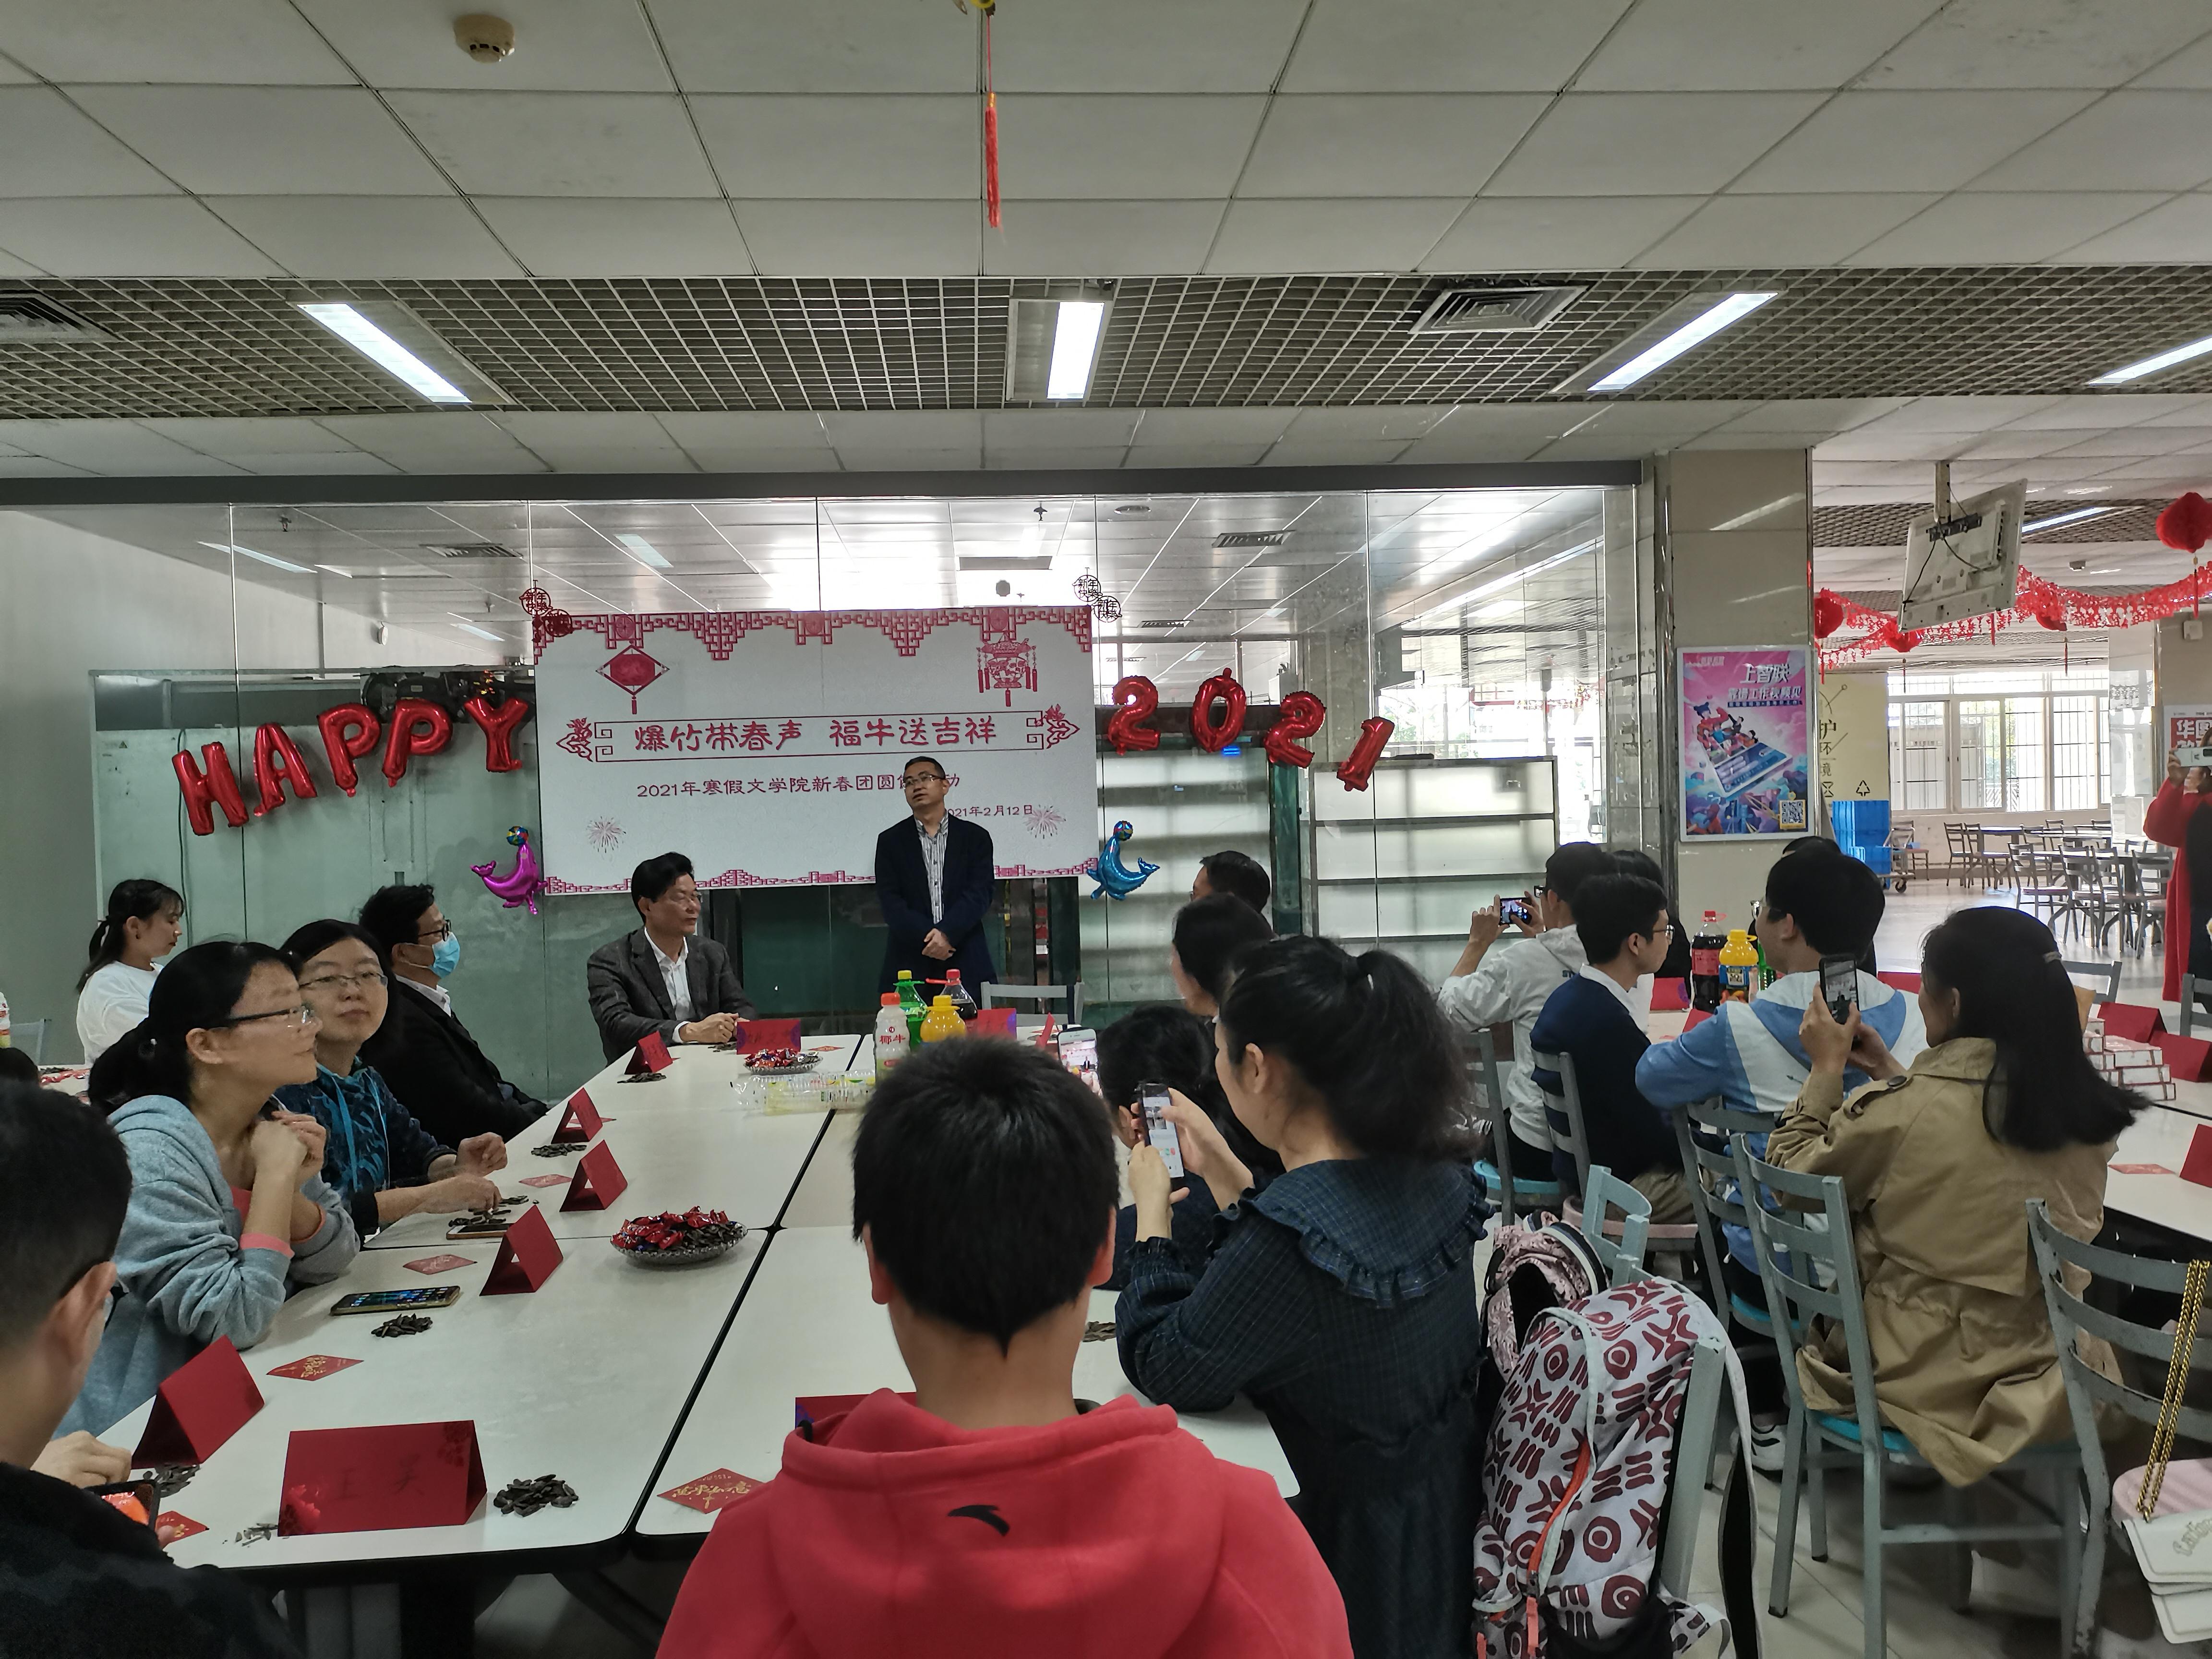 文學院院長段吉方給寒假留校學生送去新春祝福.jpg